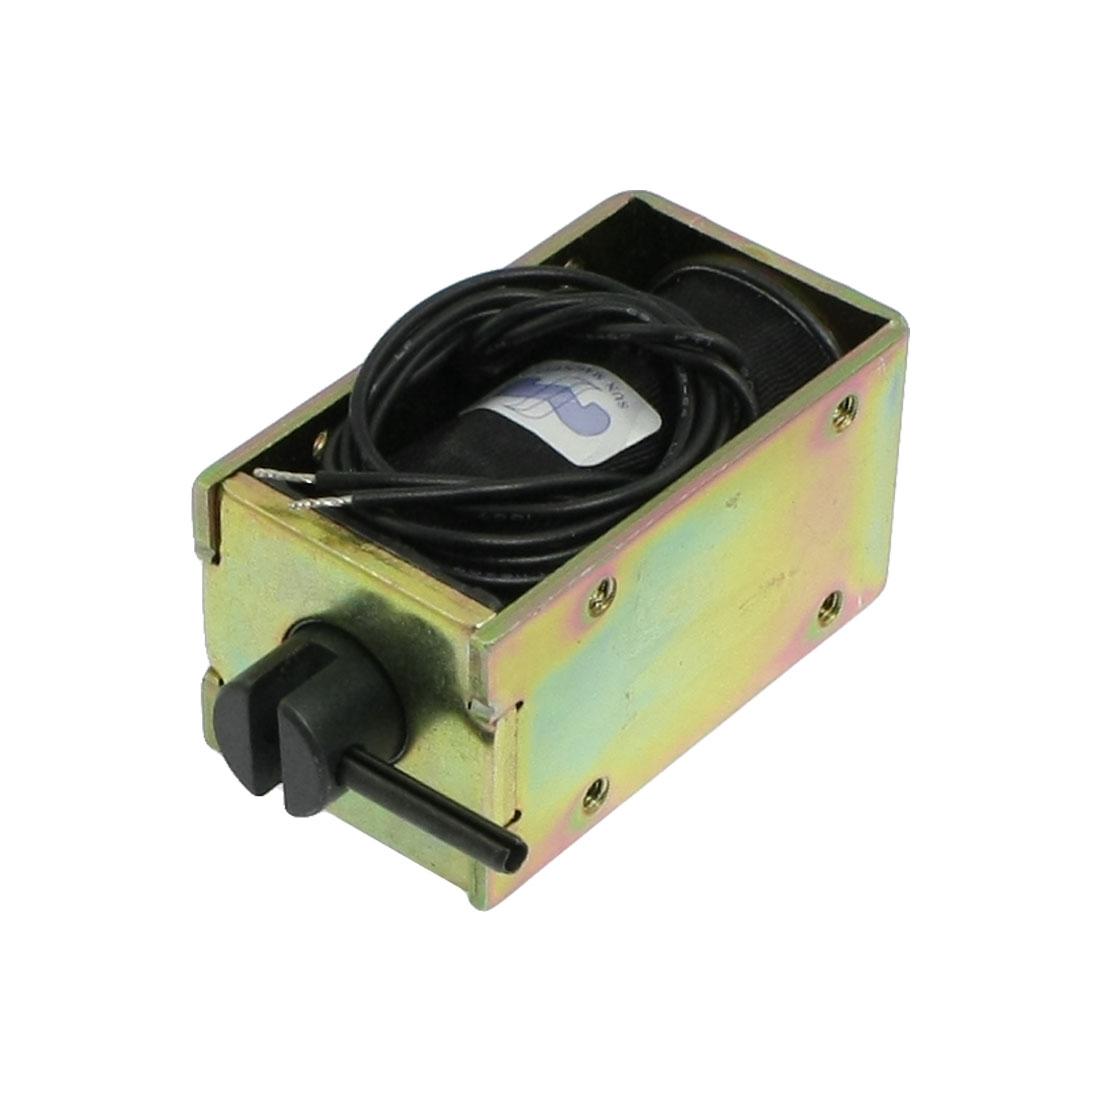 DC 12V 1.33A 6mm Stroke Open Frame Solenoid Electromagnet 700gf